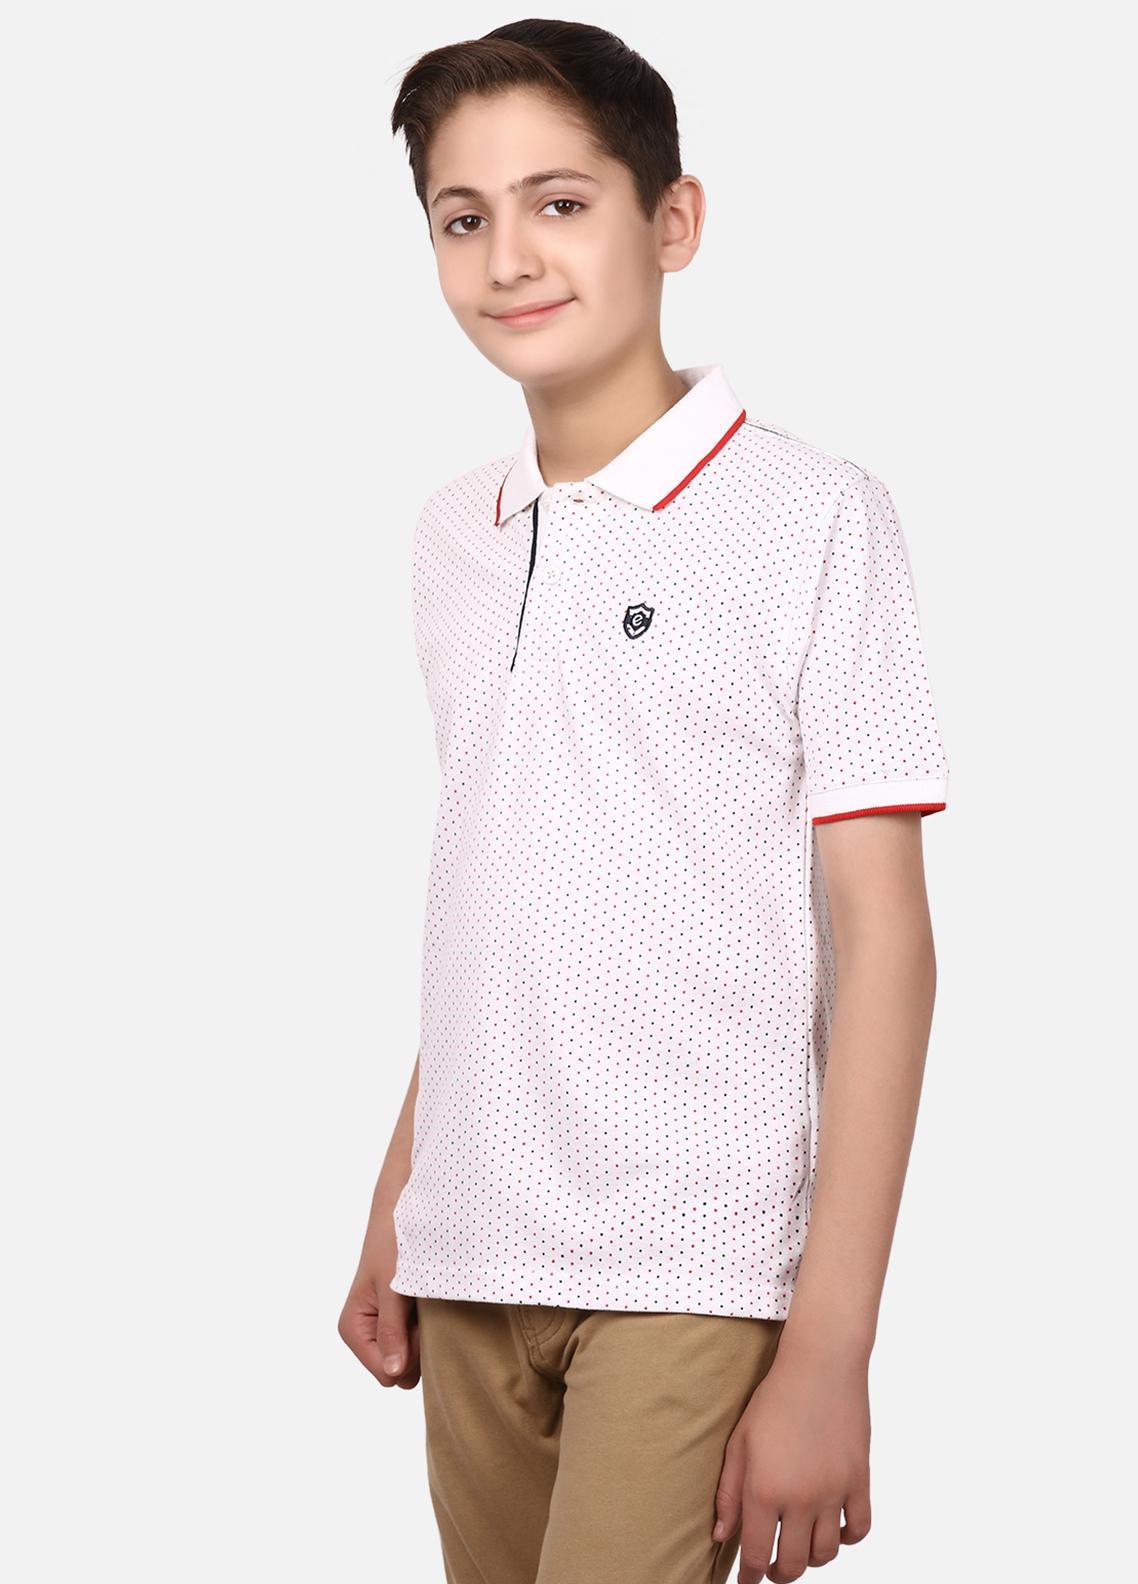 Edenrobe Cotton Polo Boys Shirts - White EBTPS19-013